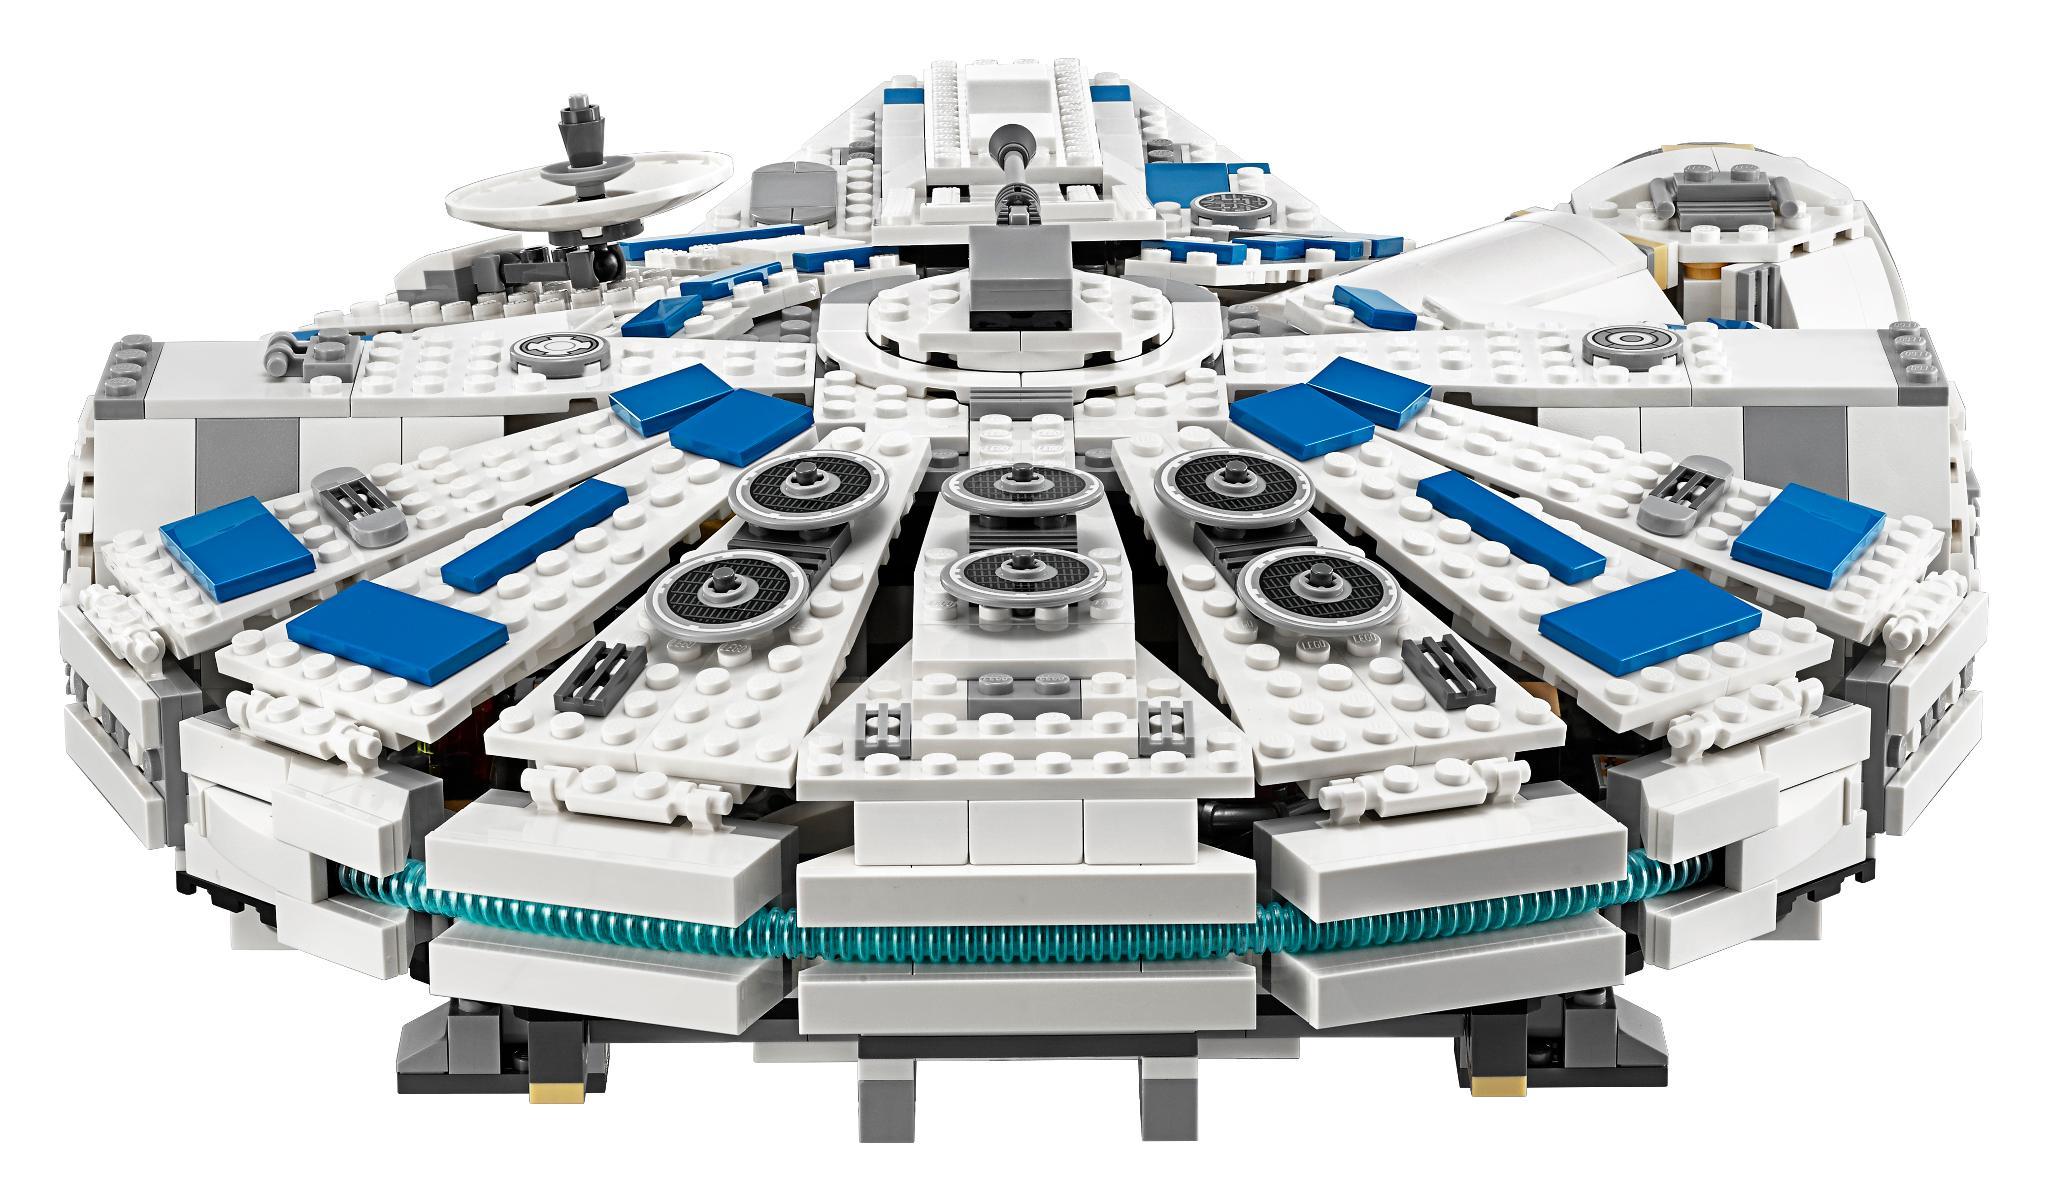 Großzügig Lego Star Wars Schiffe Färbung Seiten Zeitgenössisch ...